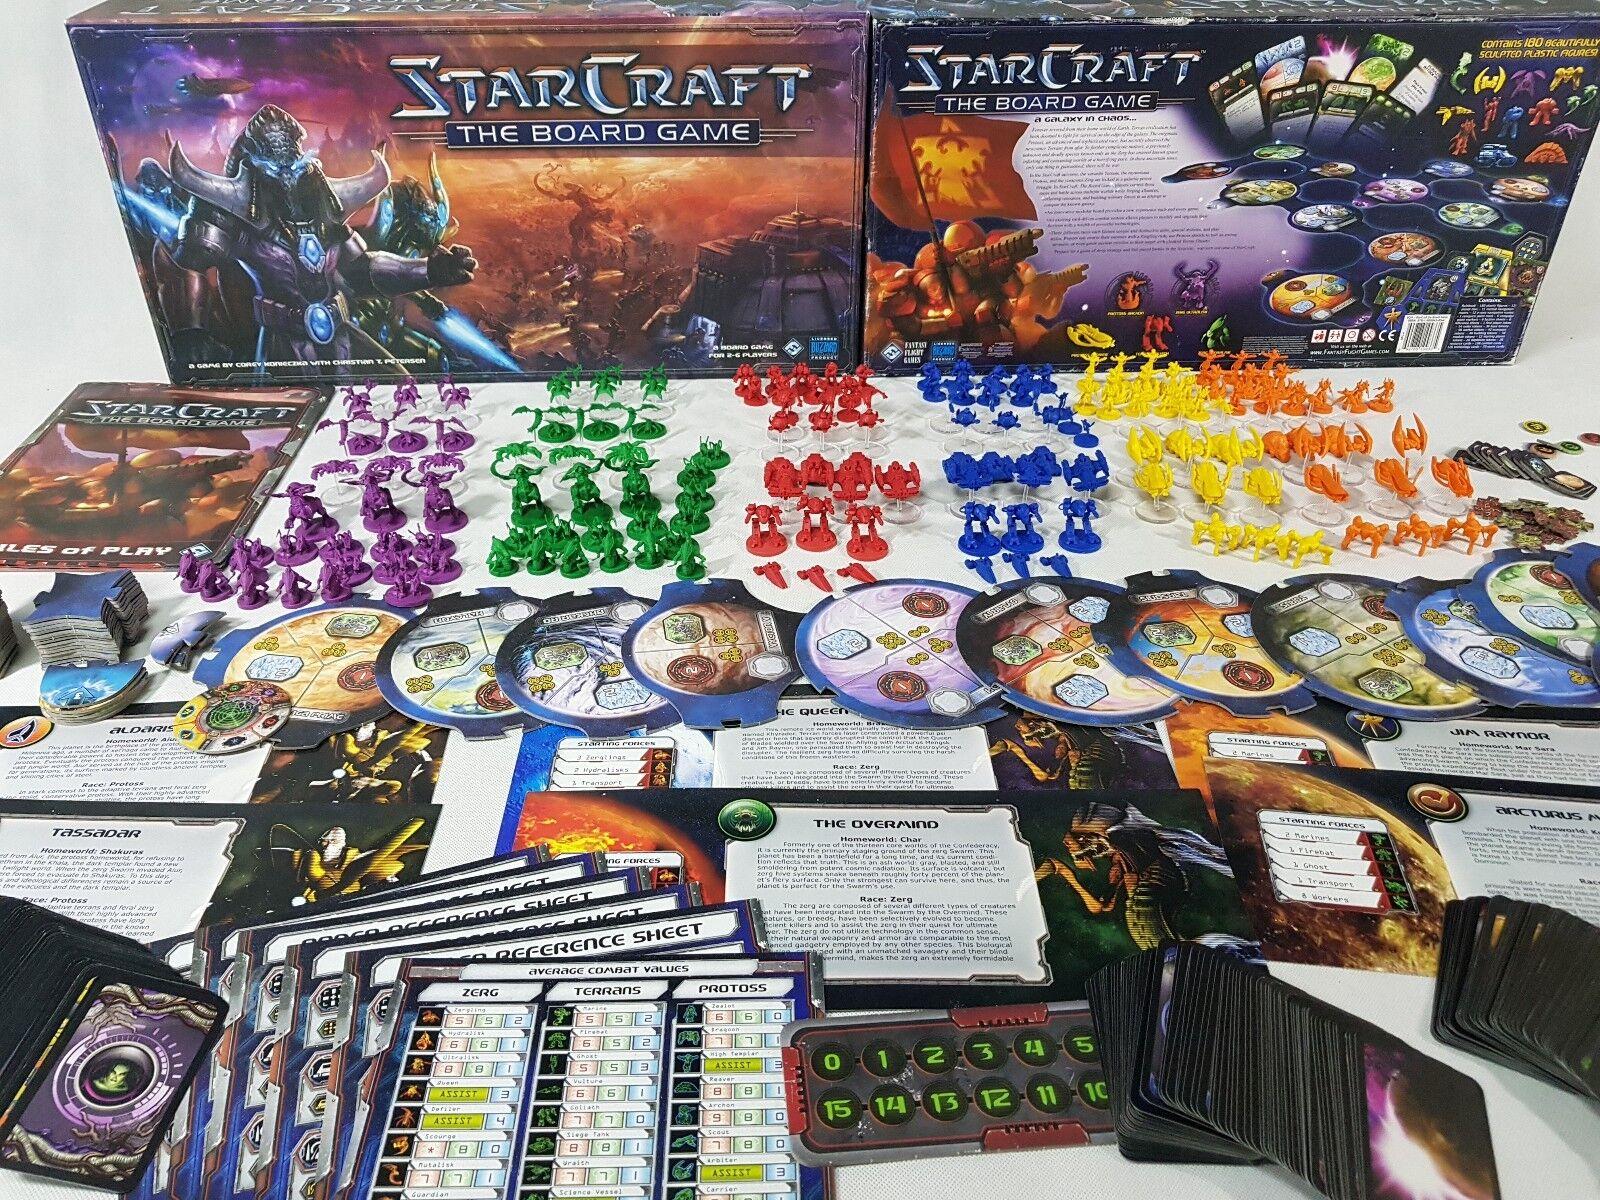 Estrellacraft-Il Gioco da  tavolo - 100% completo FUORI CATALOGO RARO [ENG, 2007]  marchio in liquidazione